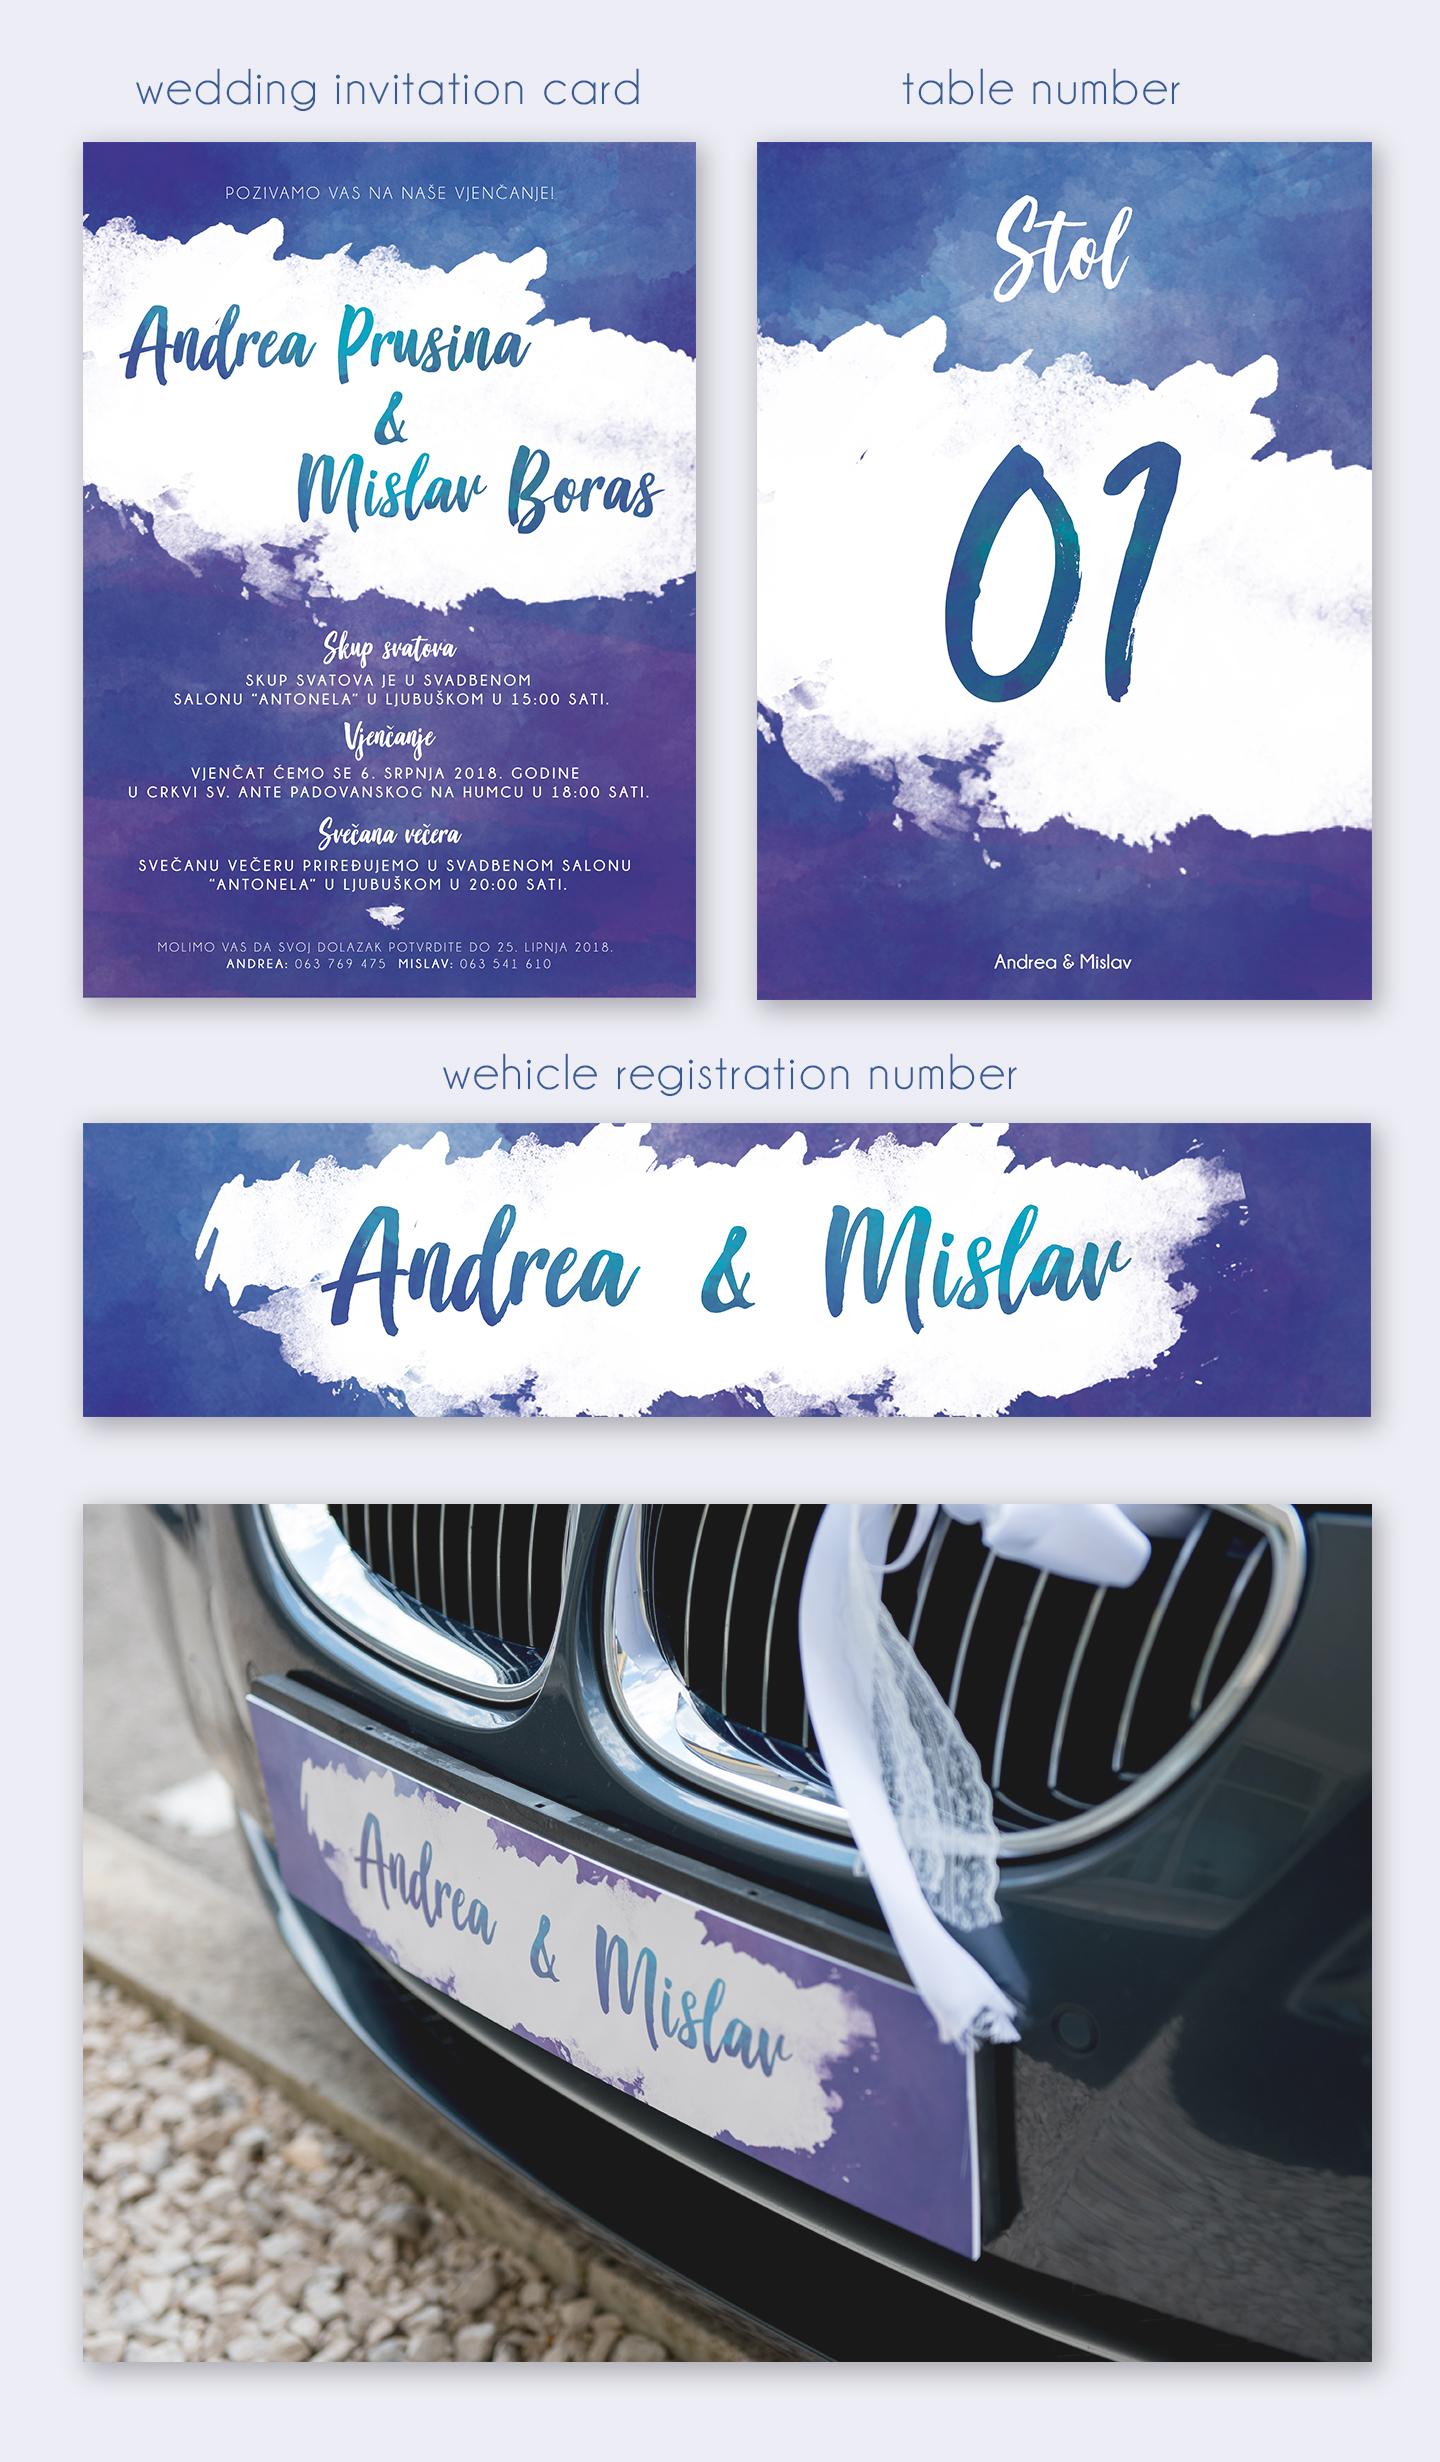 andrea-mislav-wedding